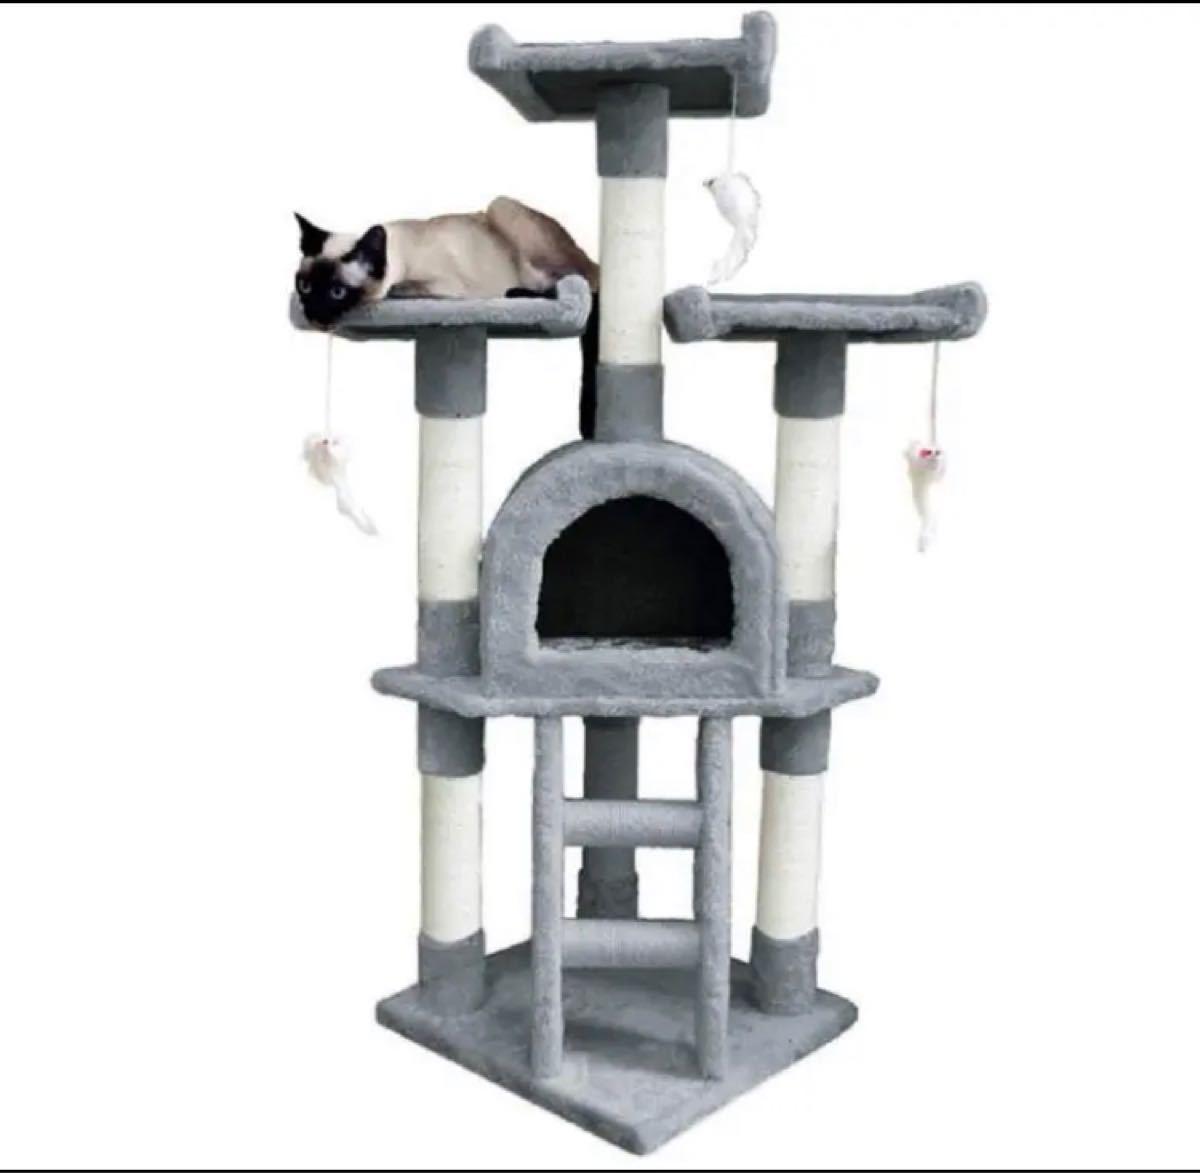 キャットタワー 猫タワー 広い見晴らし台 天然サイザル麻紐 高さ115cm